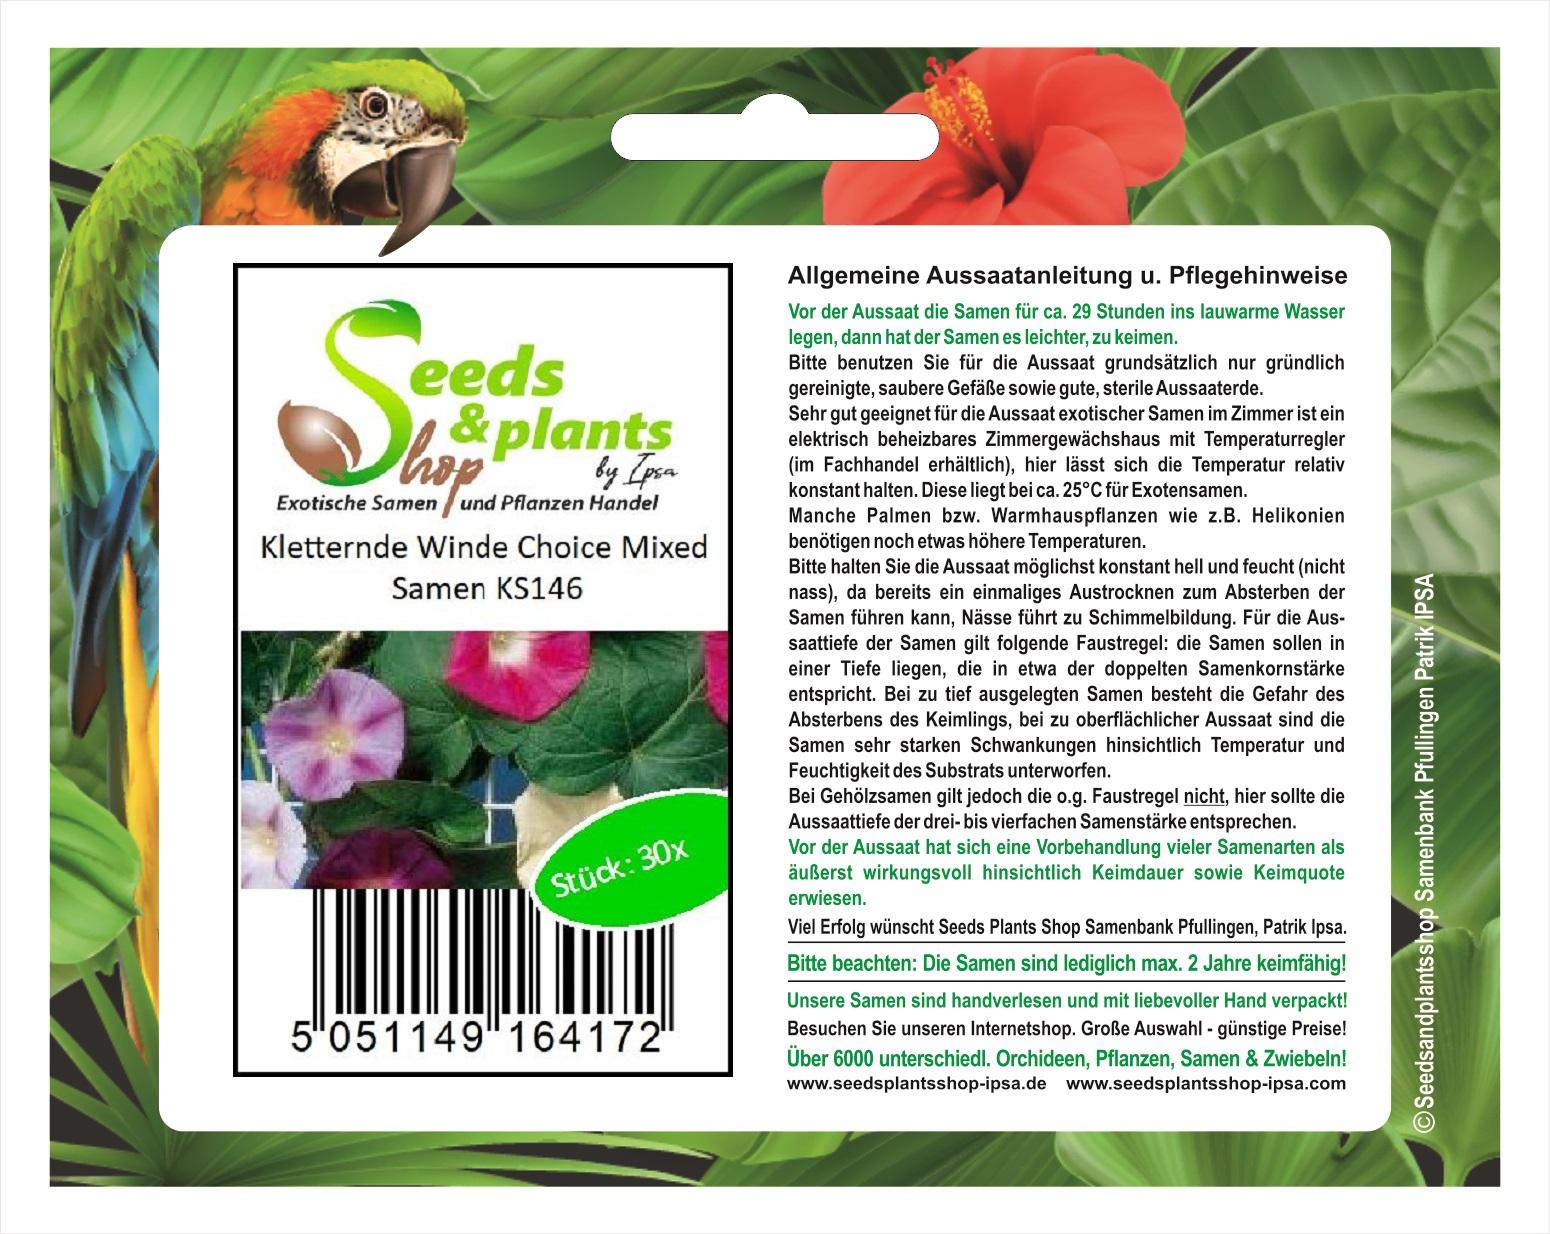 Garten Pflanzen Samen Zierpflanze Saatgut Rankpflanke FEDERWINDE